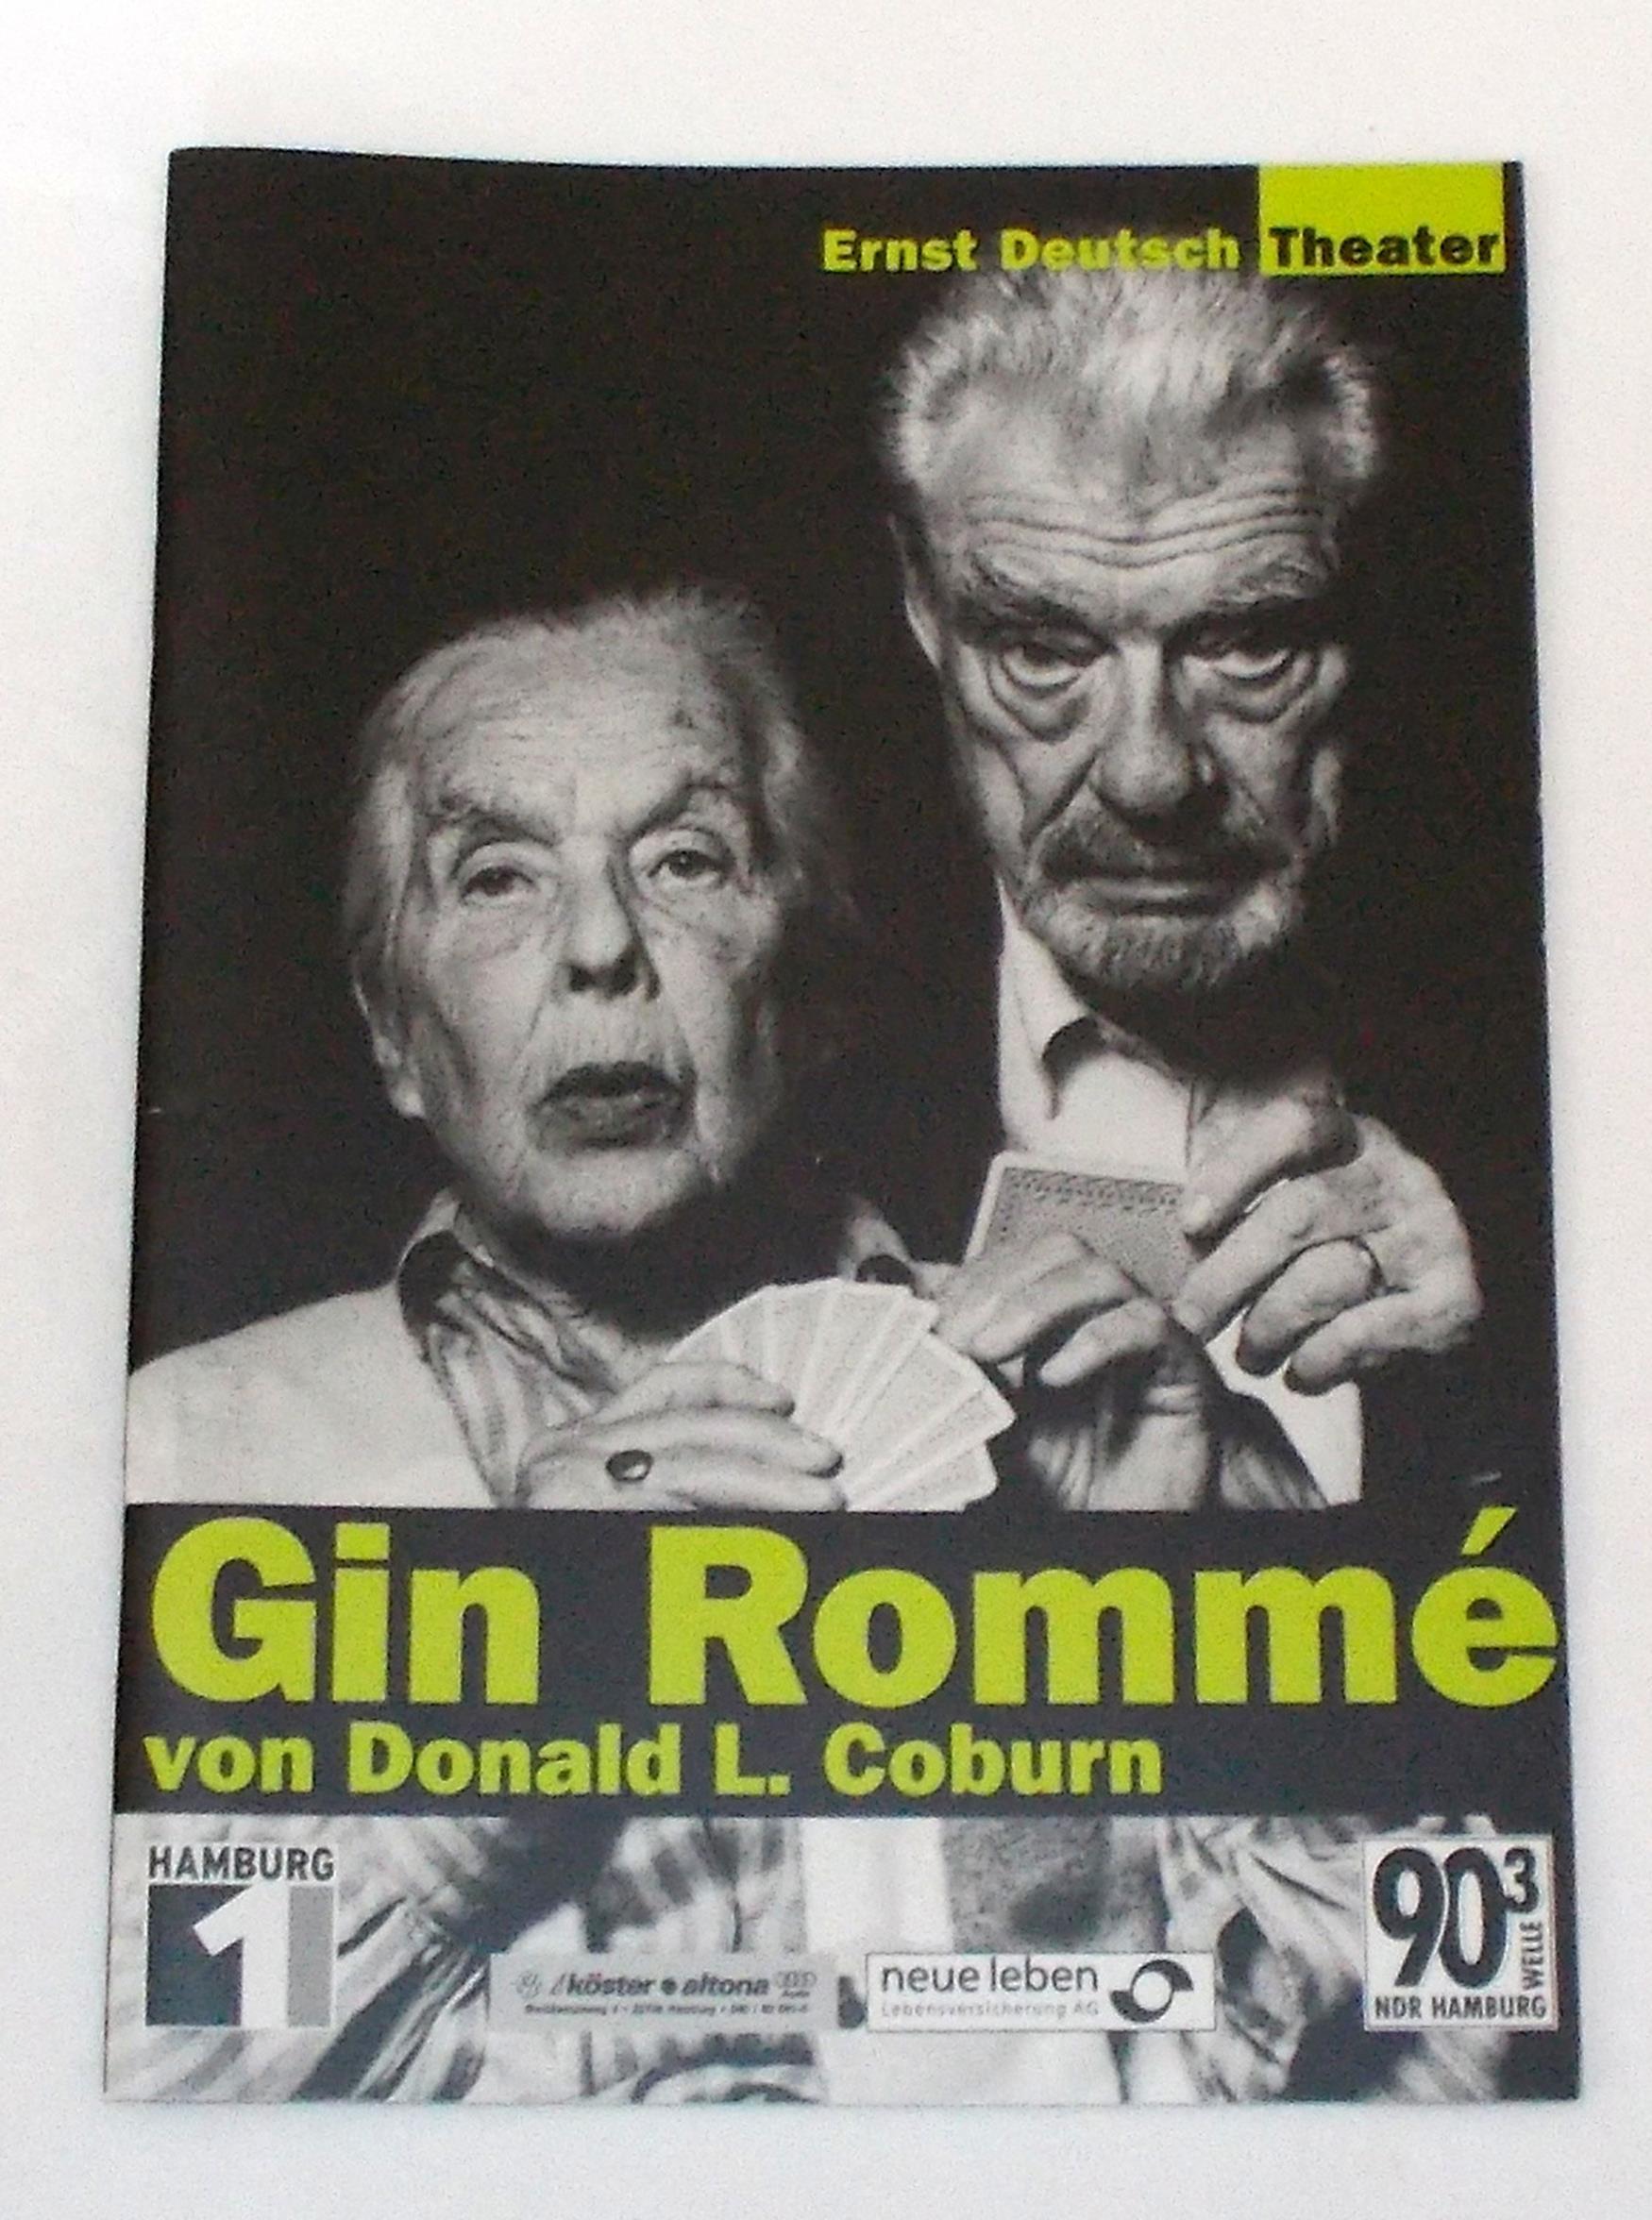 Programmheft GIN ROMME von Donald L. Coburn. Ernst Deutsch Theater 2001